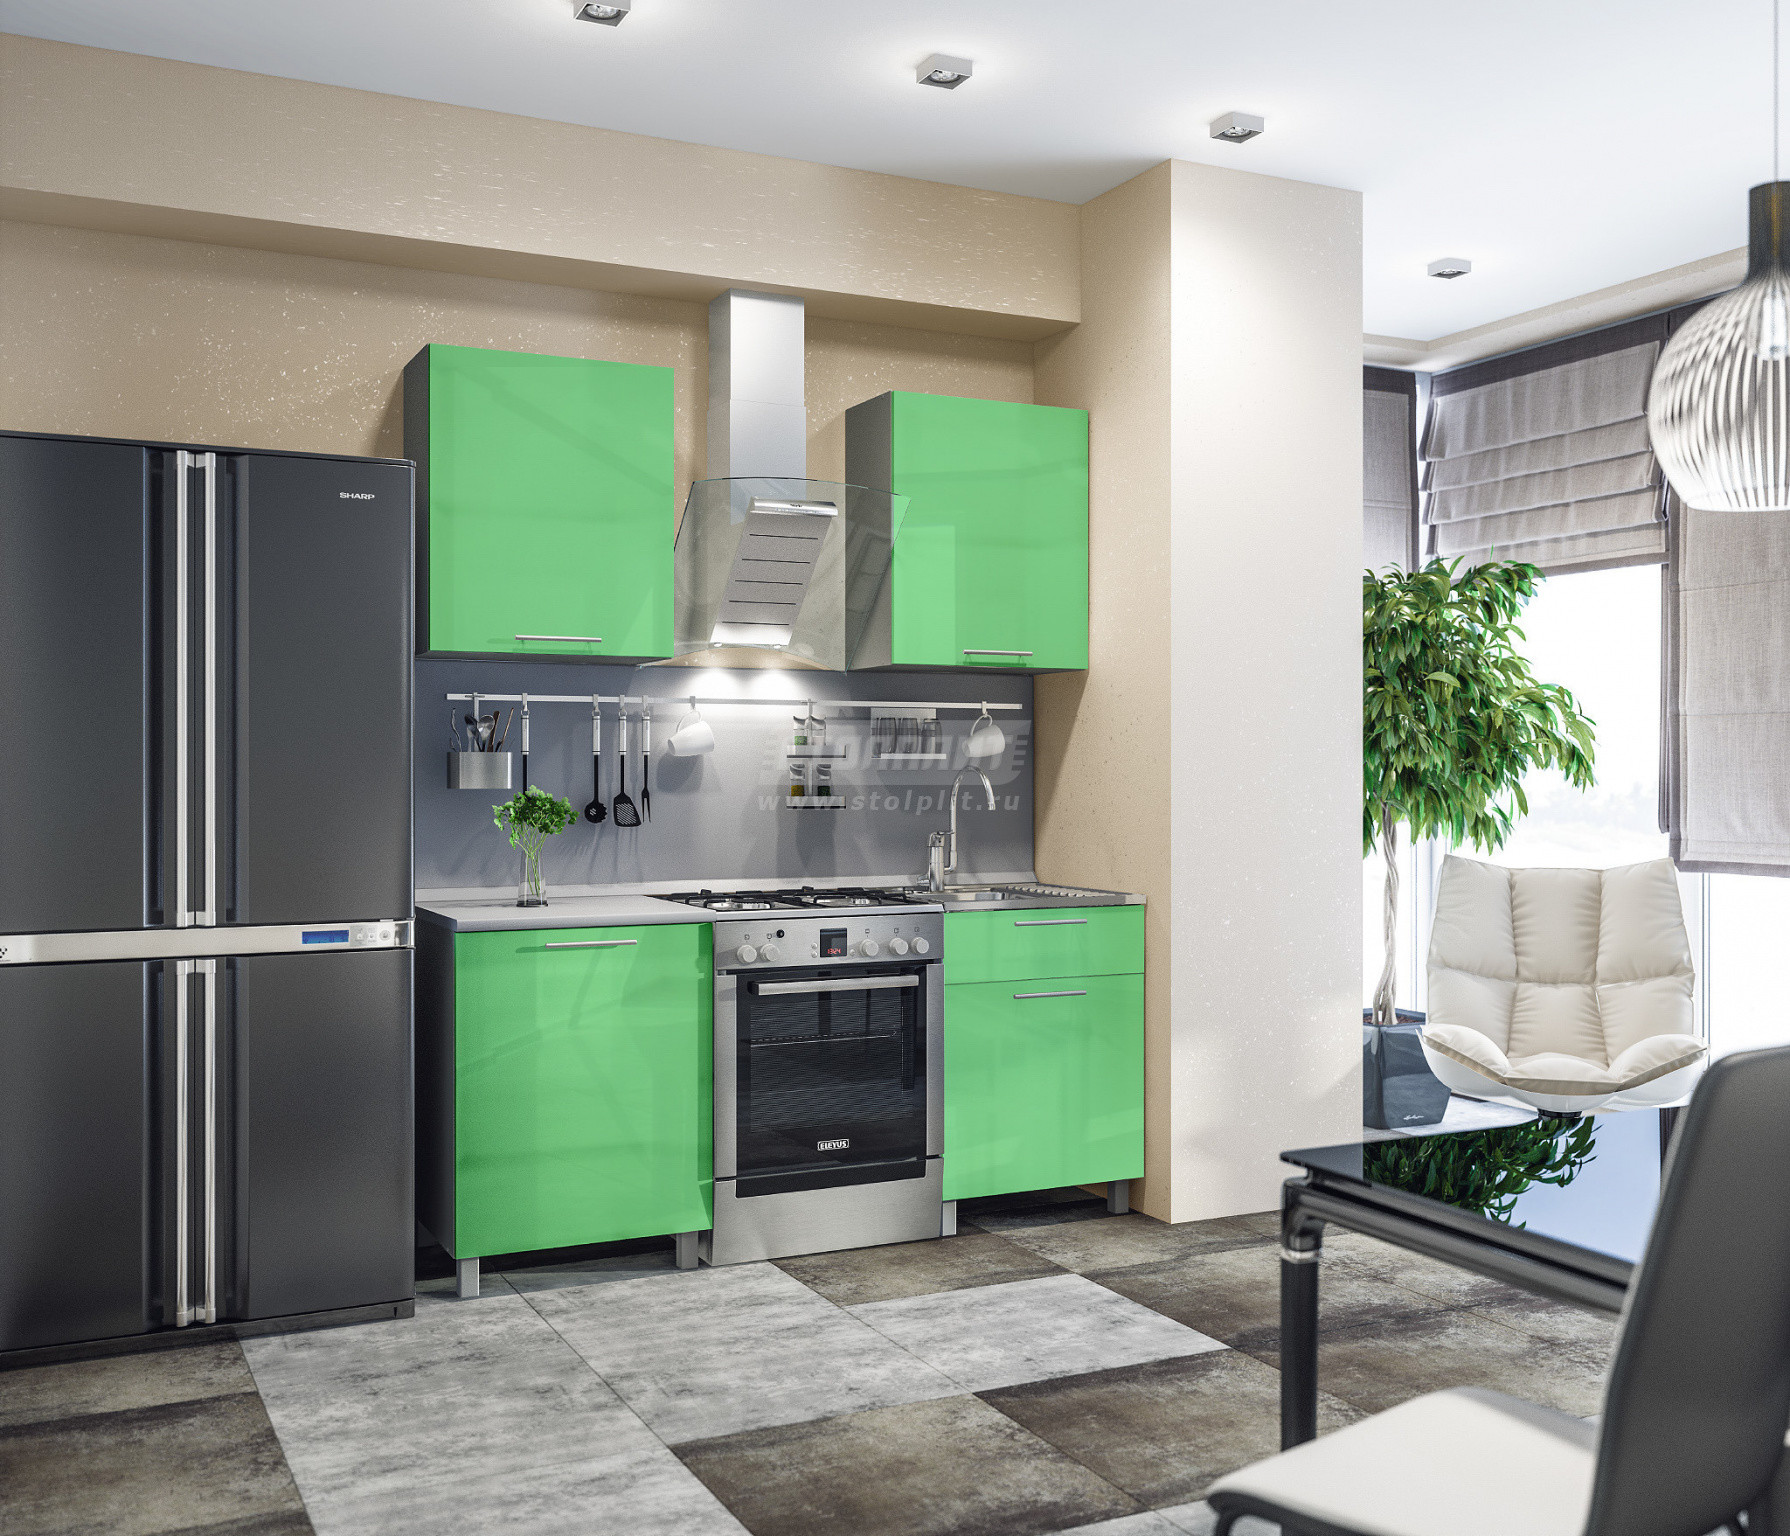 Кухня Столплит Анна L-1800 алюминий/эвкалипт глянец/серебро 120x214x60 см